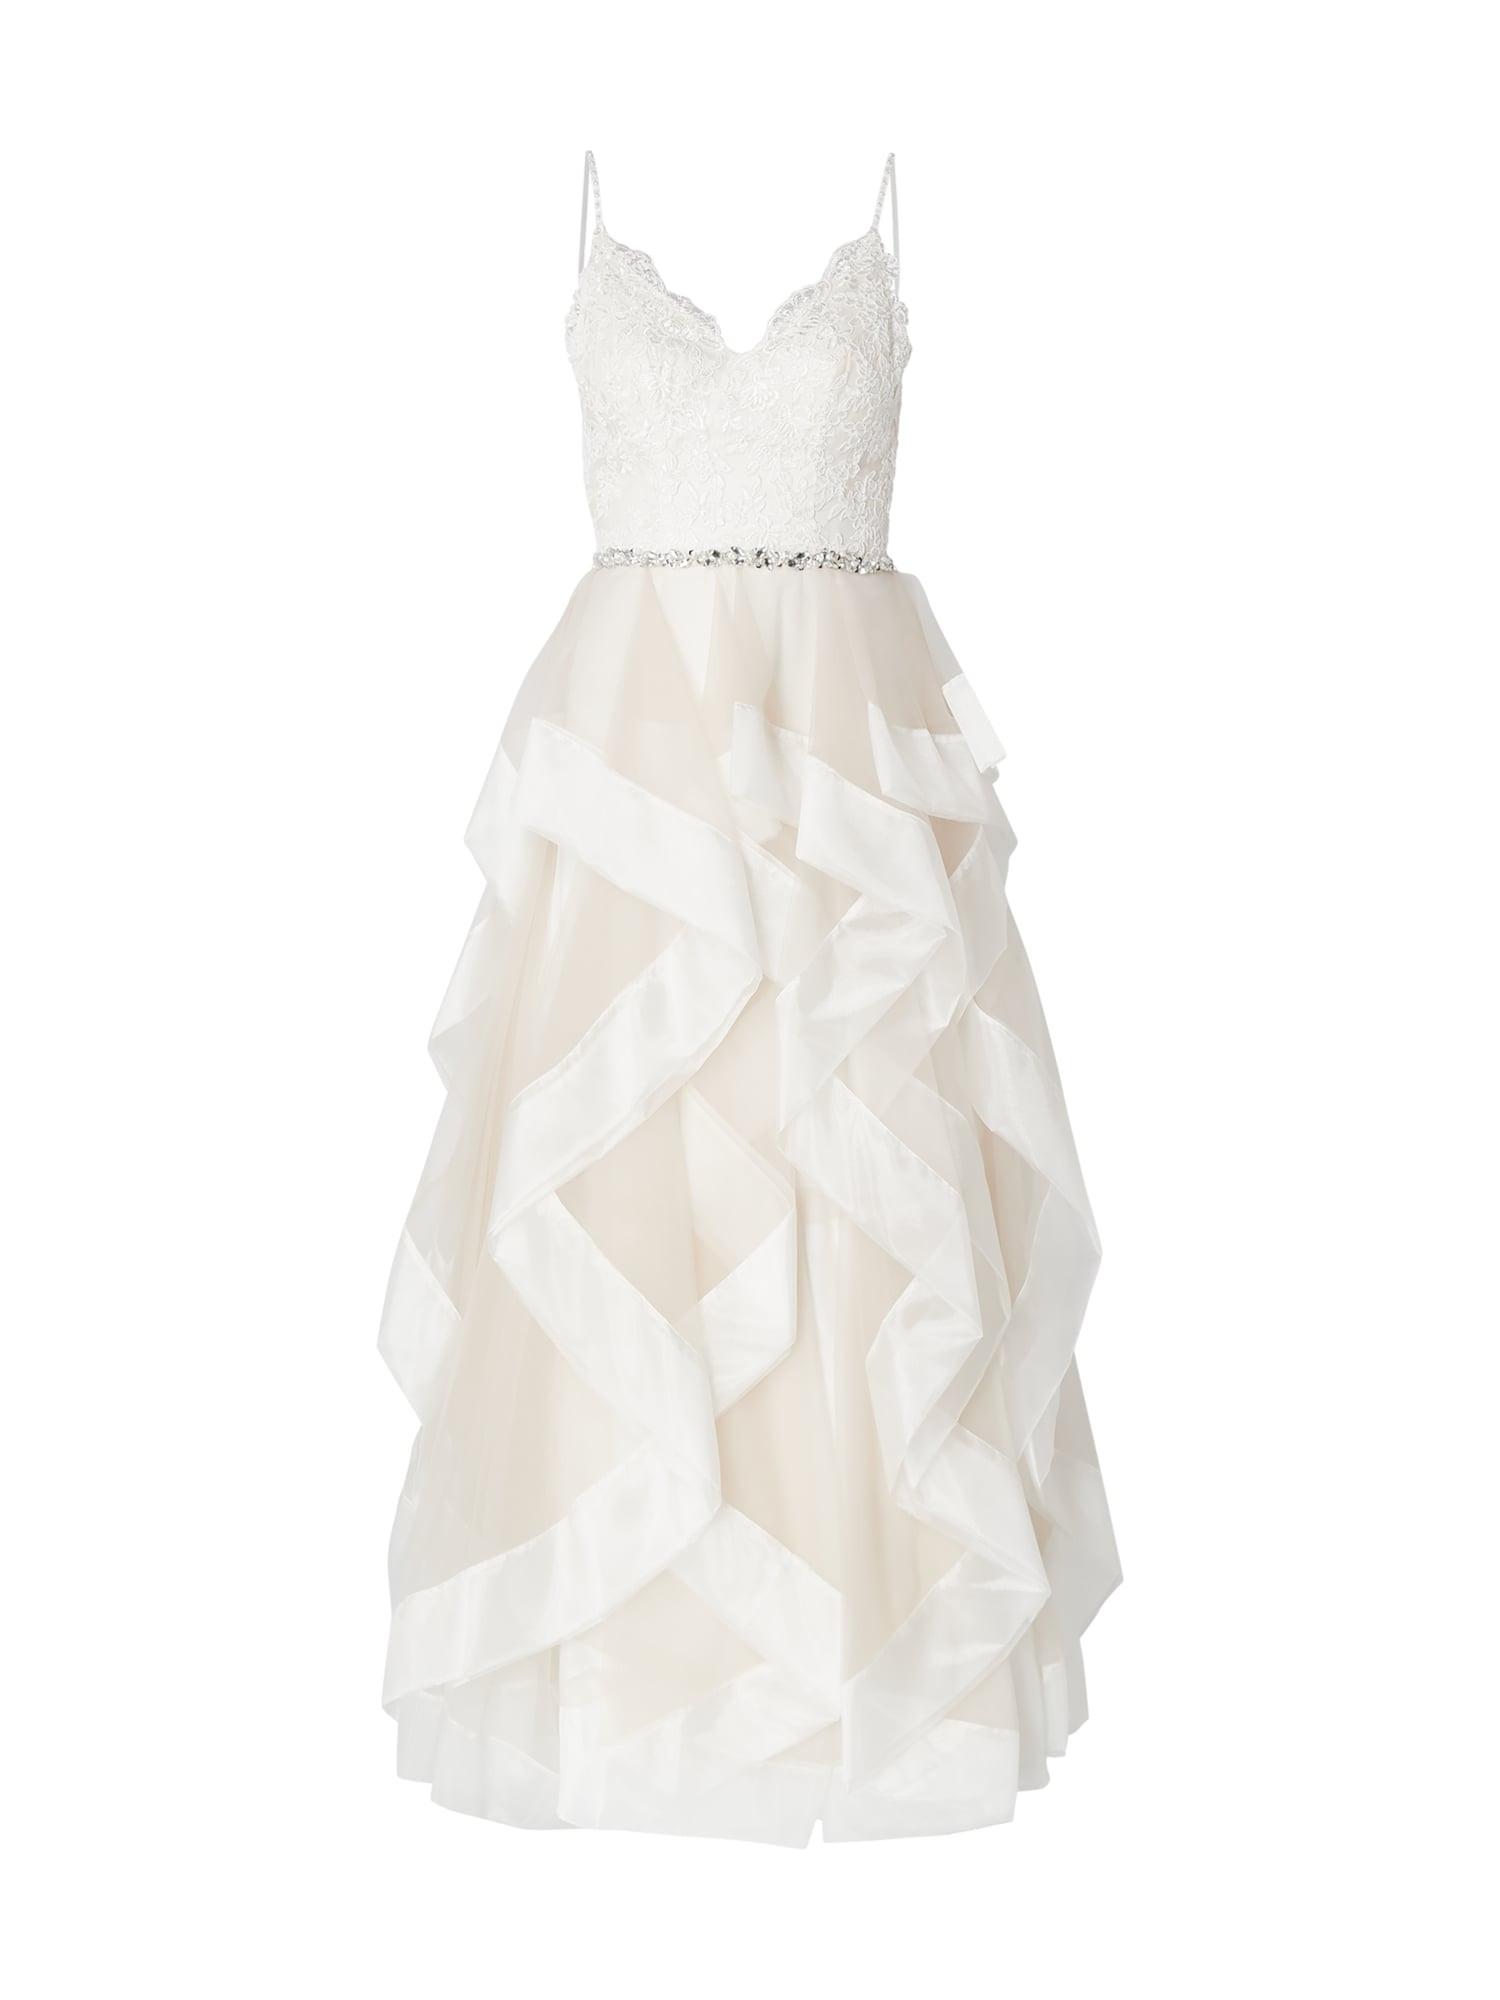 Unique Brautkleid Aus Mesh Im Stufen-Look In Weiß Online Kaufen (9898494) ▷  P&c Online Shop